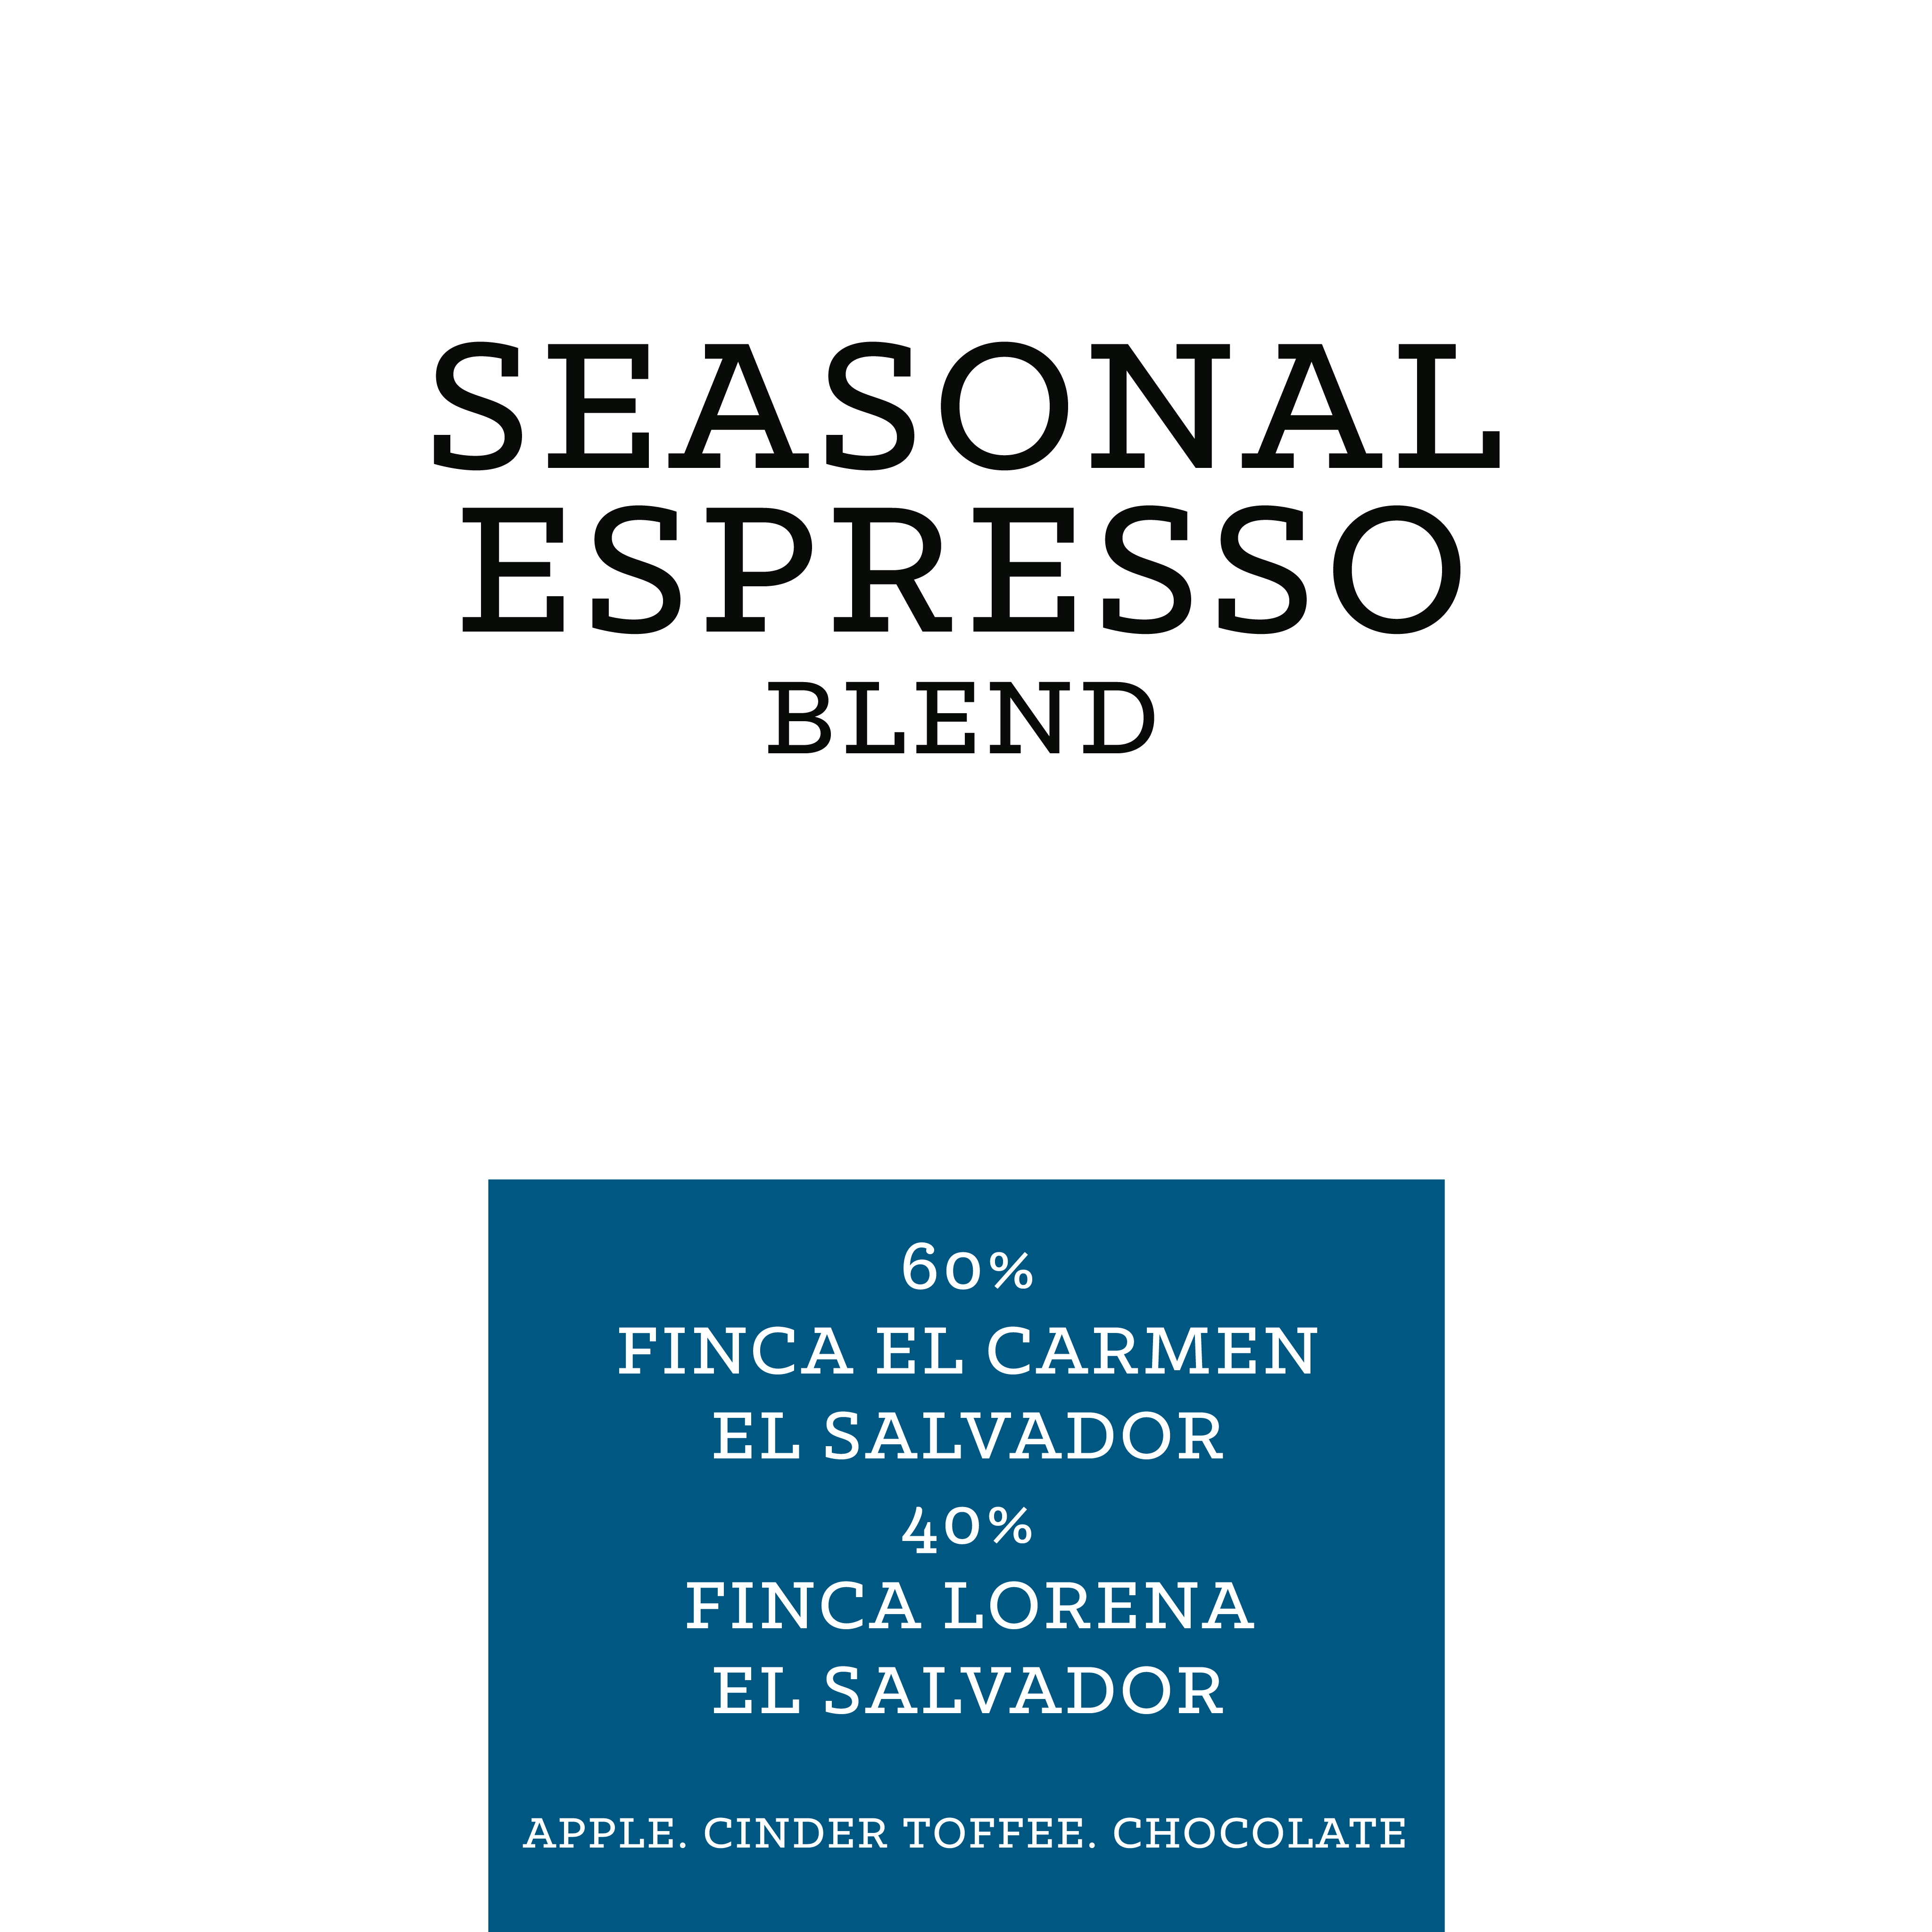 seasonal-espresso402x-100 via @carvetiicoffee